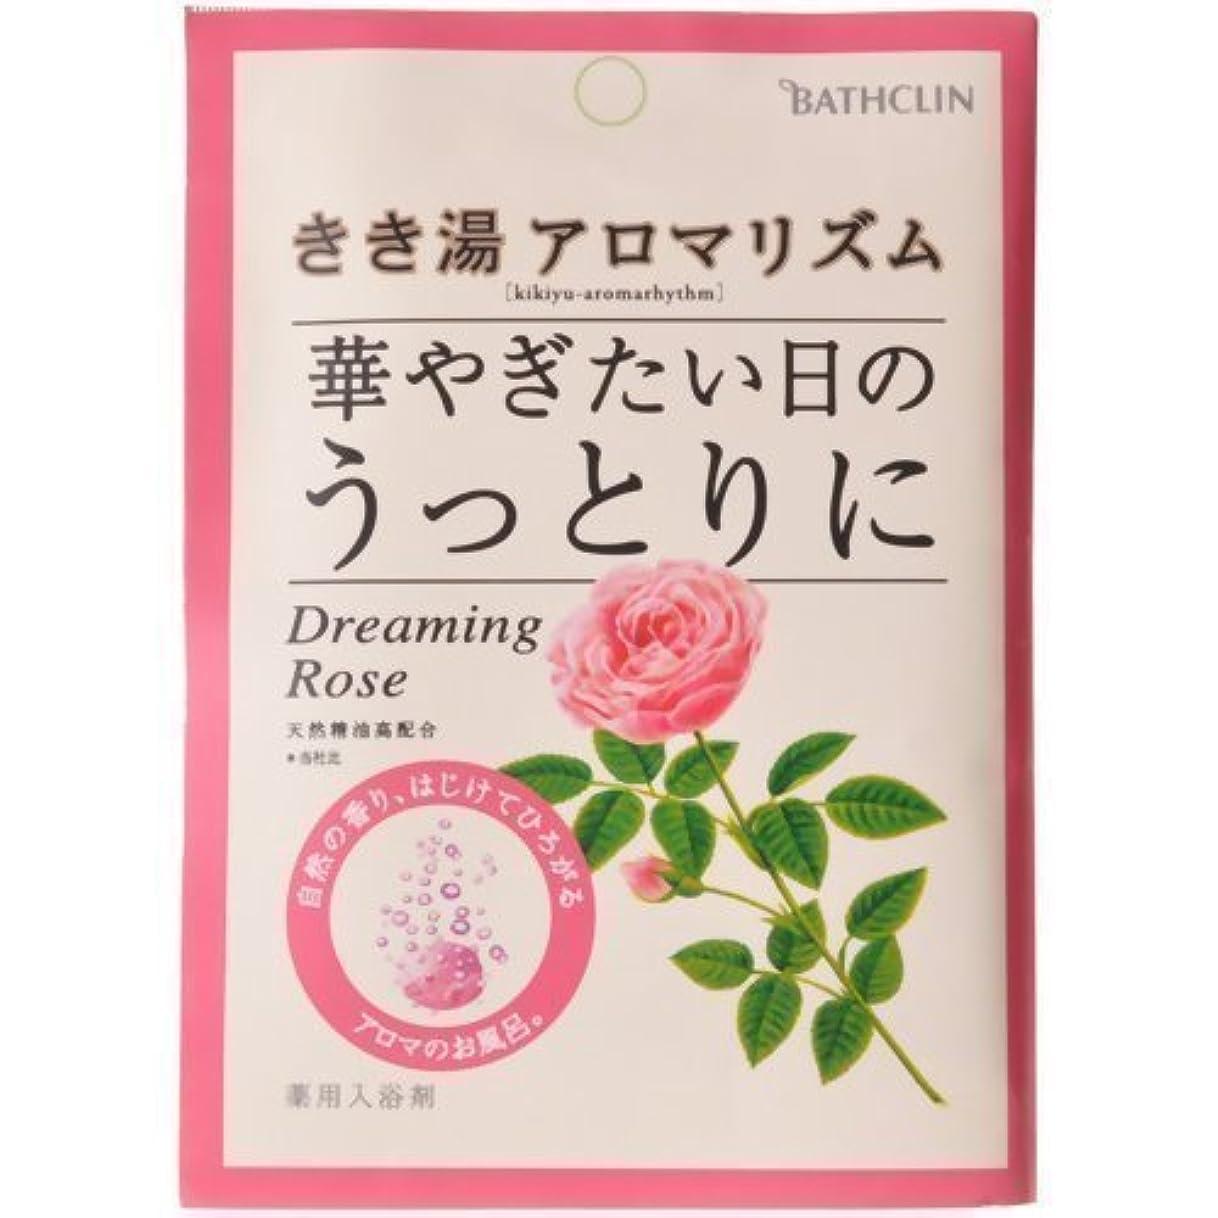 チップ前件暴露【まとめ買い】きき湯 アロマリズム ドリーミングローズの香り 30g ×4個